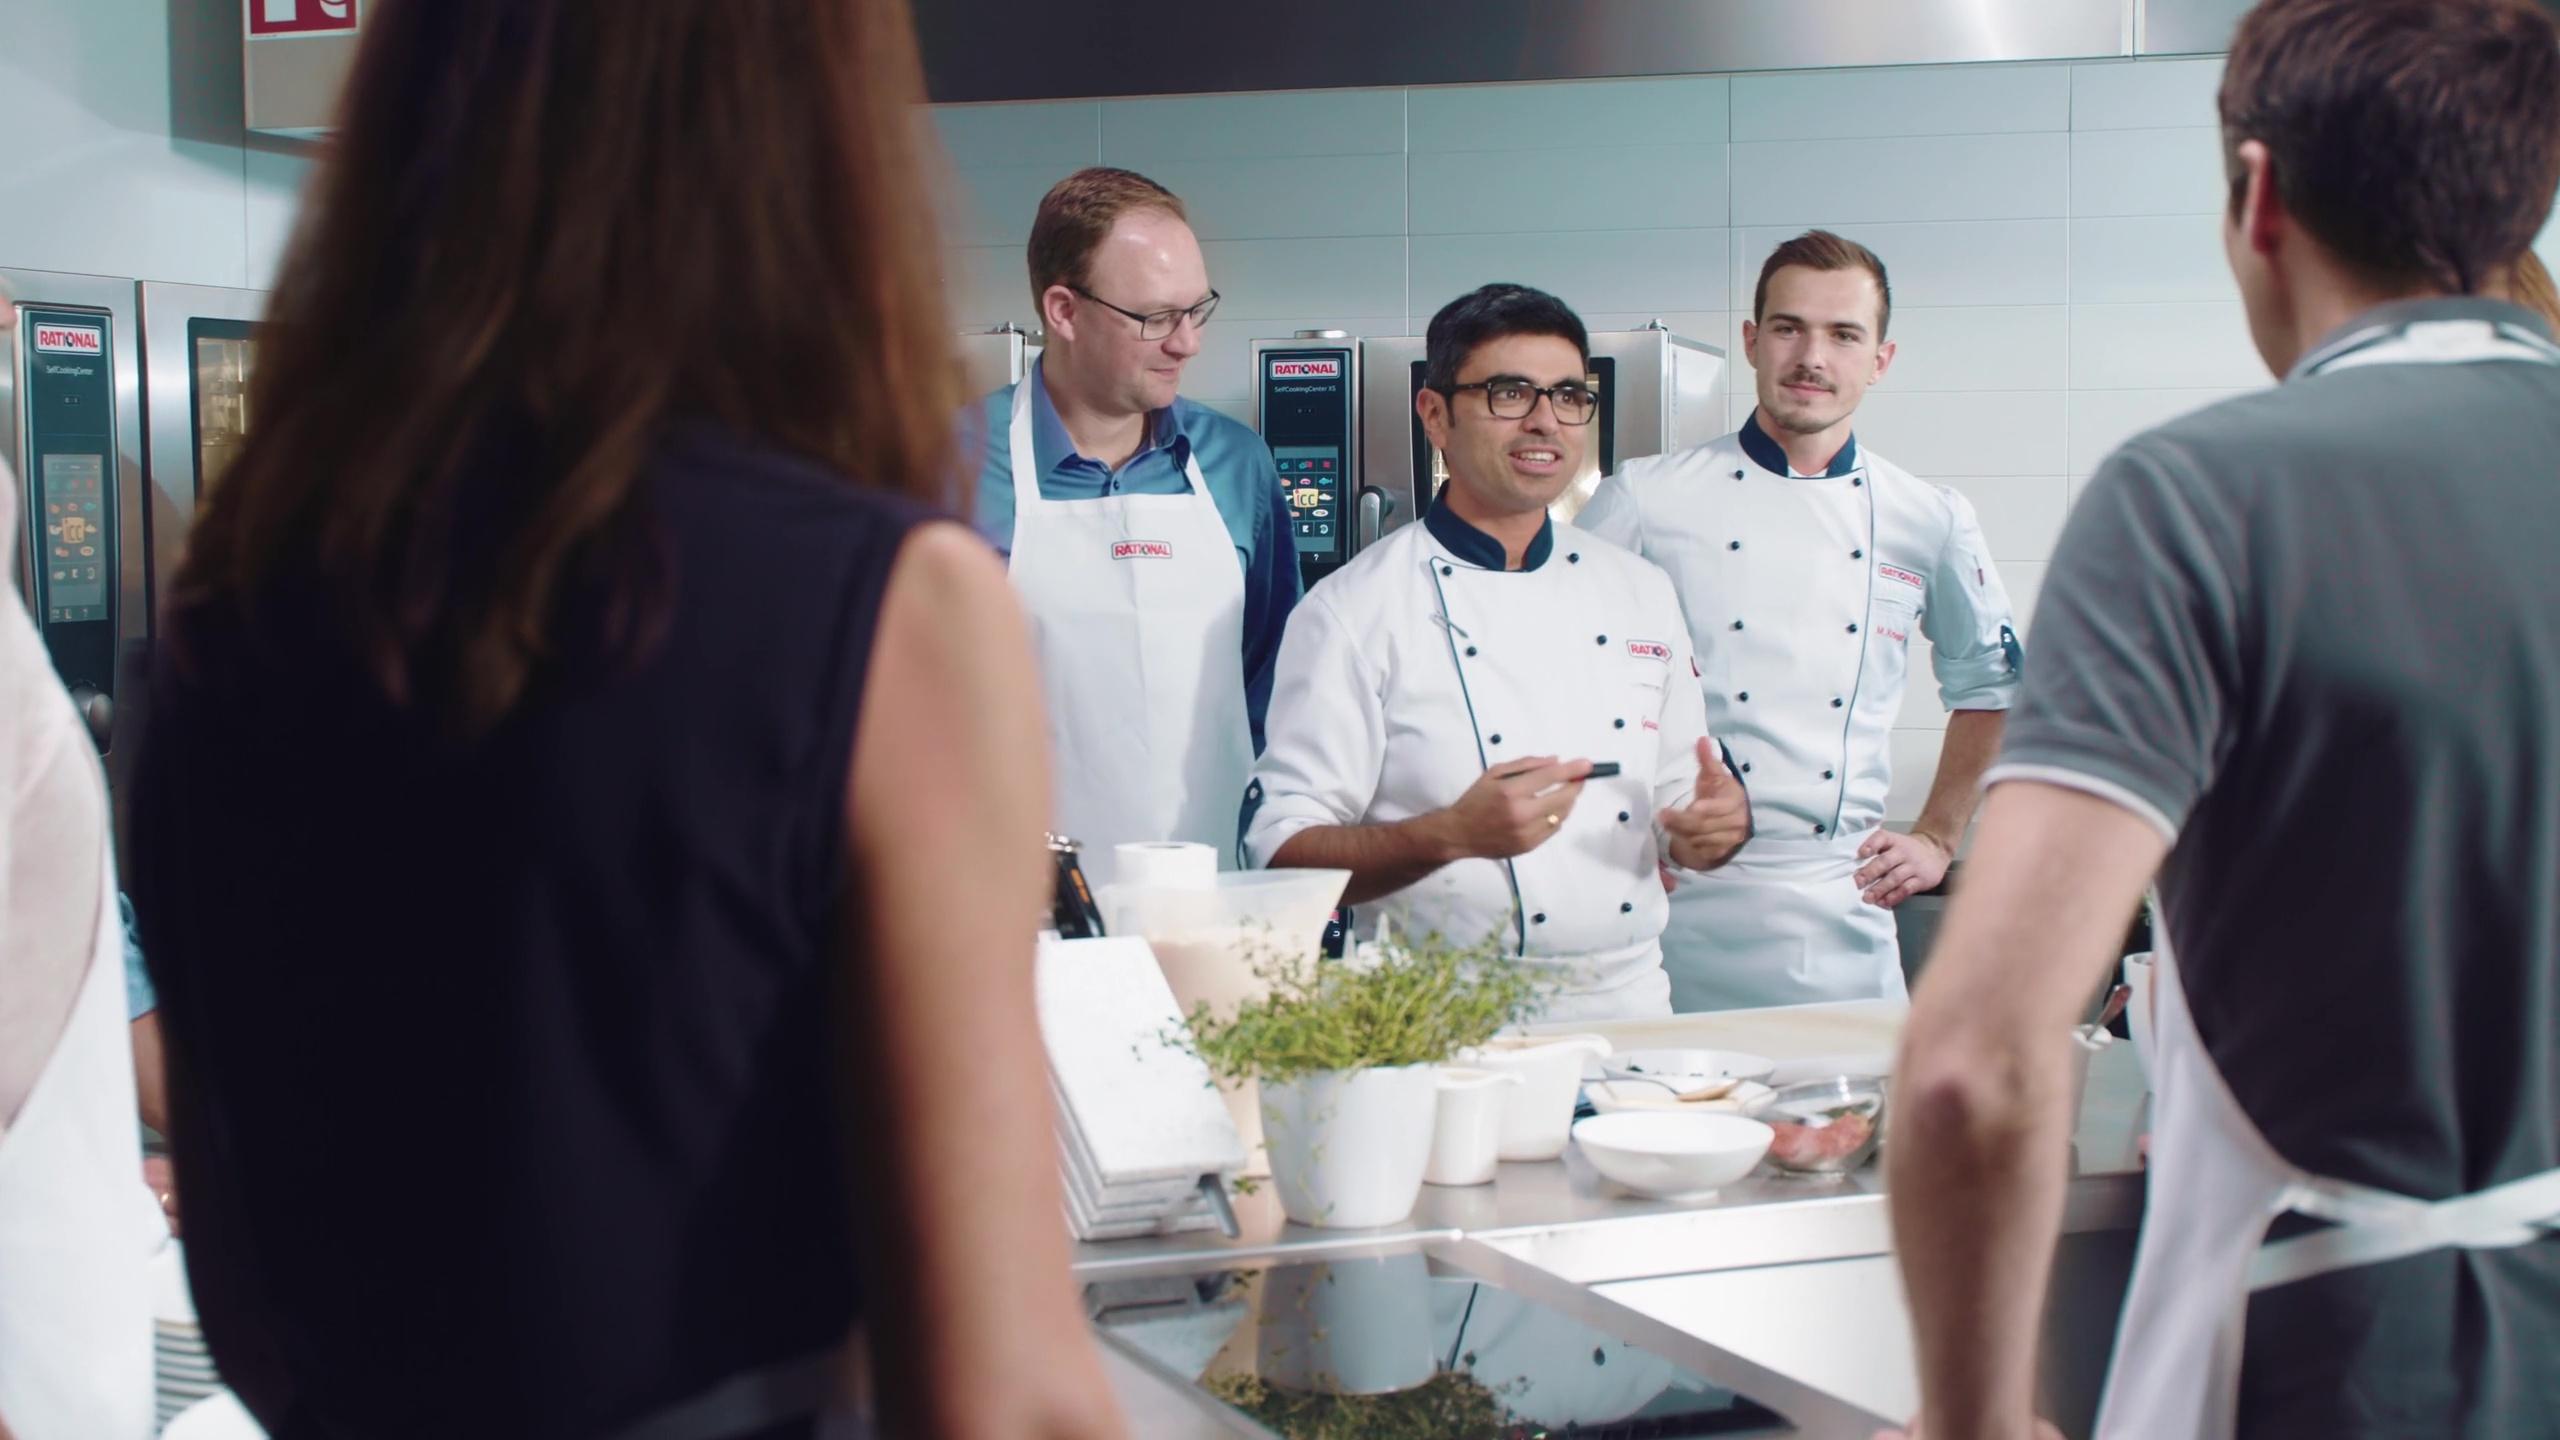 Küchenleiter gibt ein Briefing